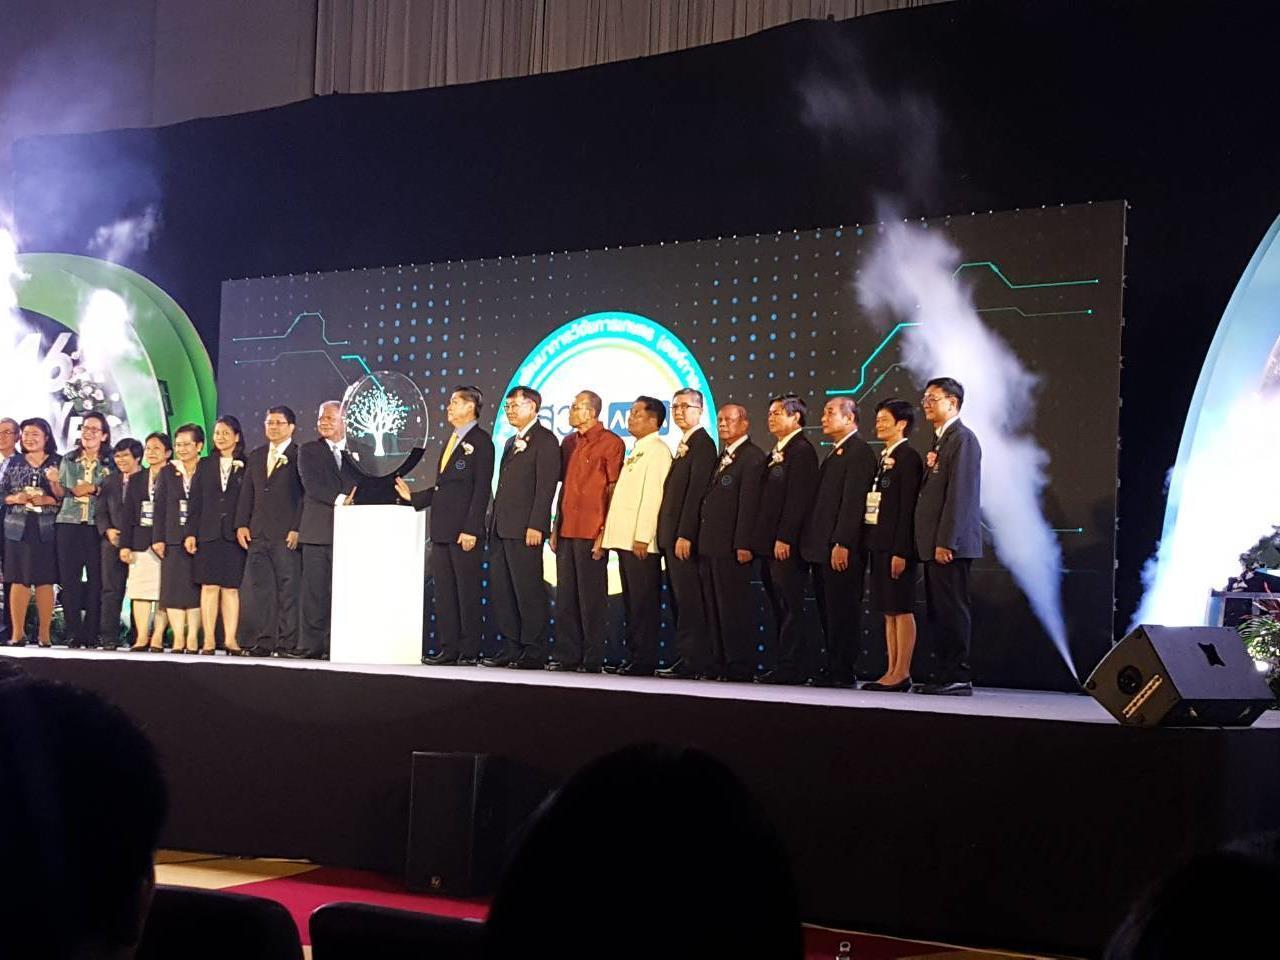 """คณะเกษตรศาสตร์และทรัพยากรธรรมชาติ ม.พะเยา เข้าร่วมงานประชุมวิชาการ สวก.2562 """" Beyond Disruptive Technology """" จุดเปลี่ยนอนาคตไทย ด้วยงานวิจัยเกษตร"""